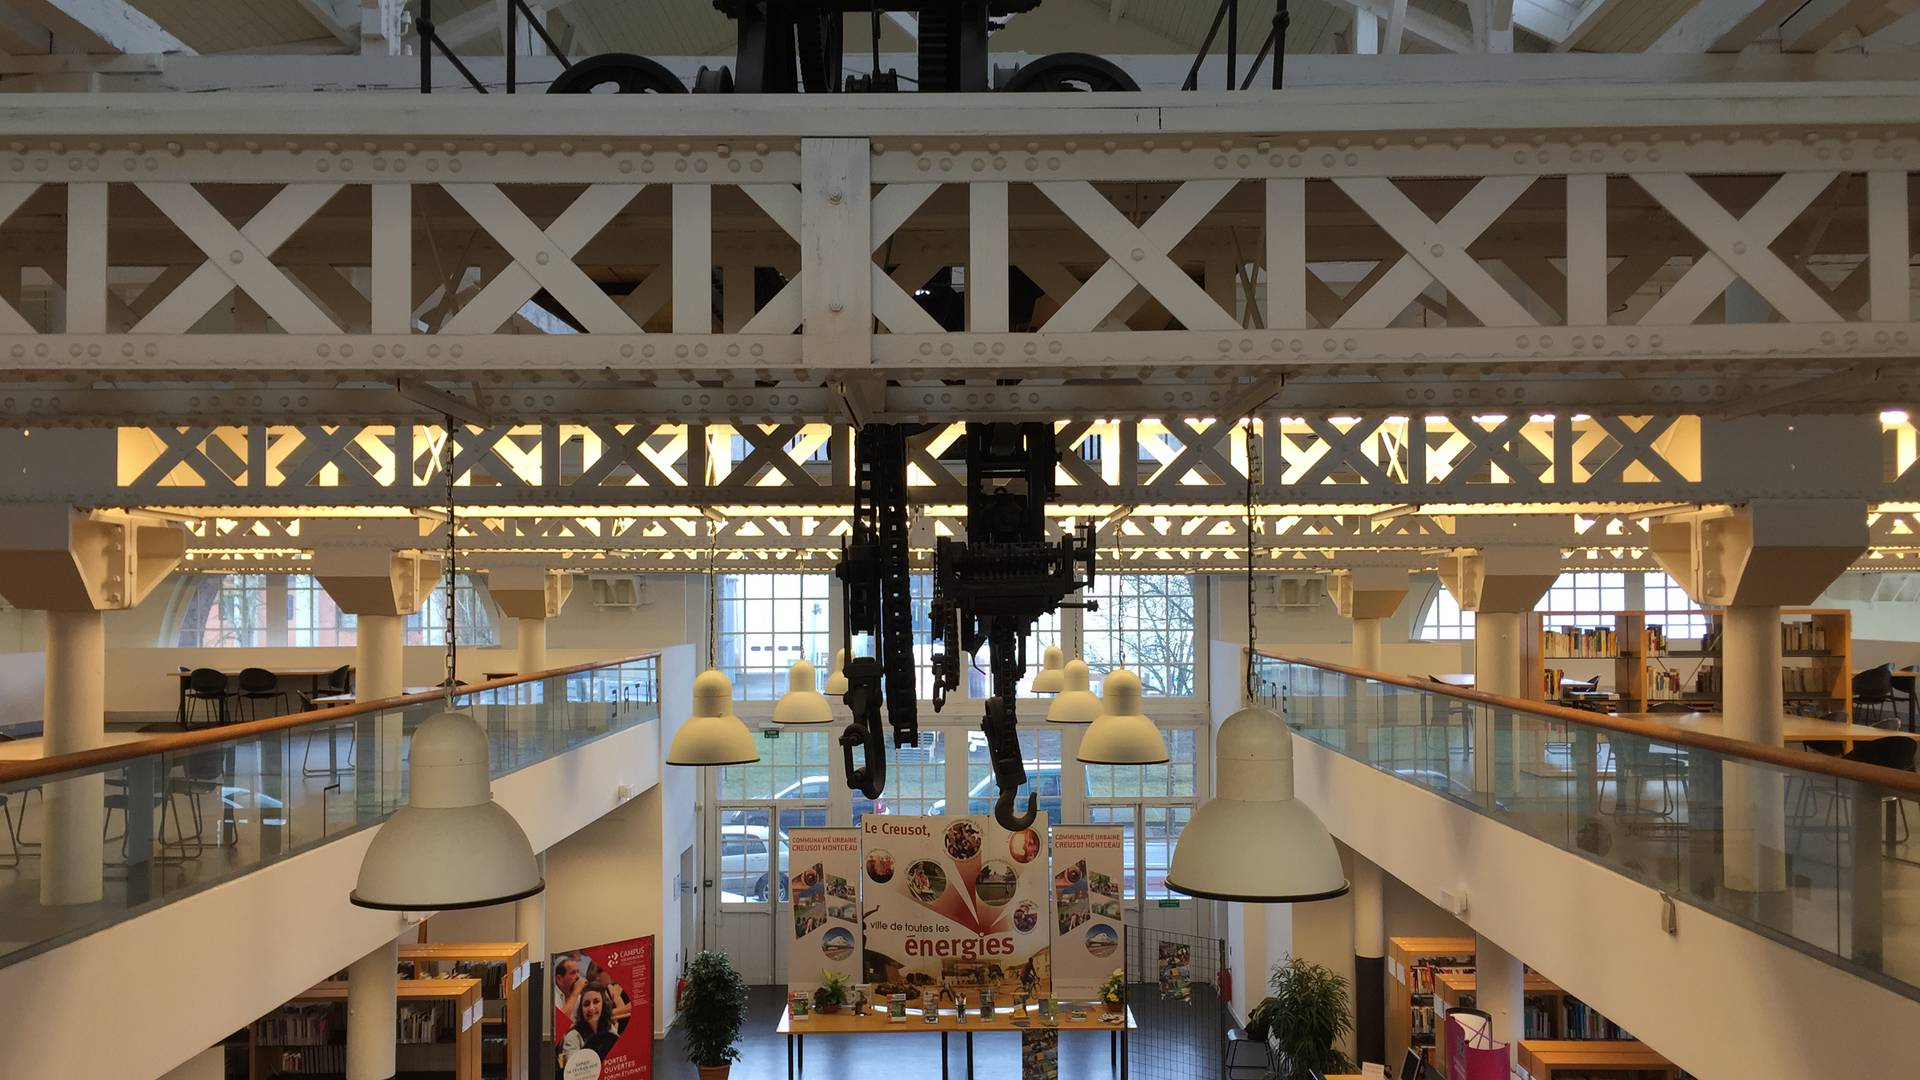 Intérieur de la bibliothèque universitaire, ancienne halle des grues et locomotives, Le Creusot. © Creusot Montceau Tourisme.